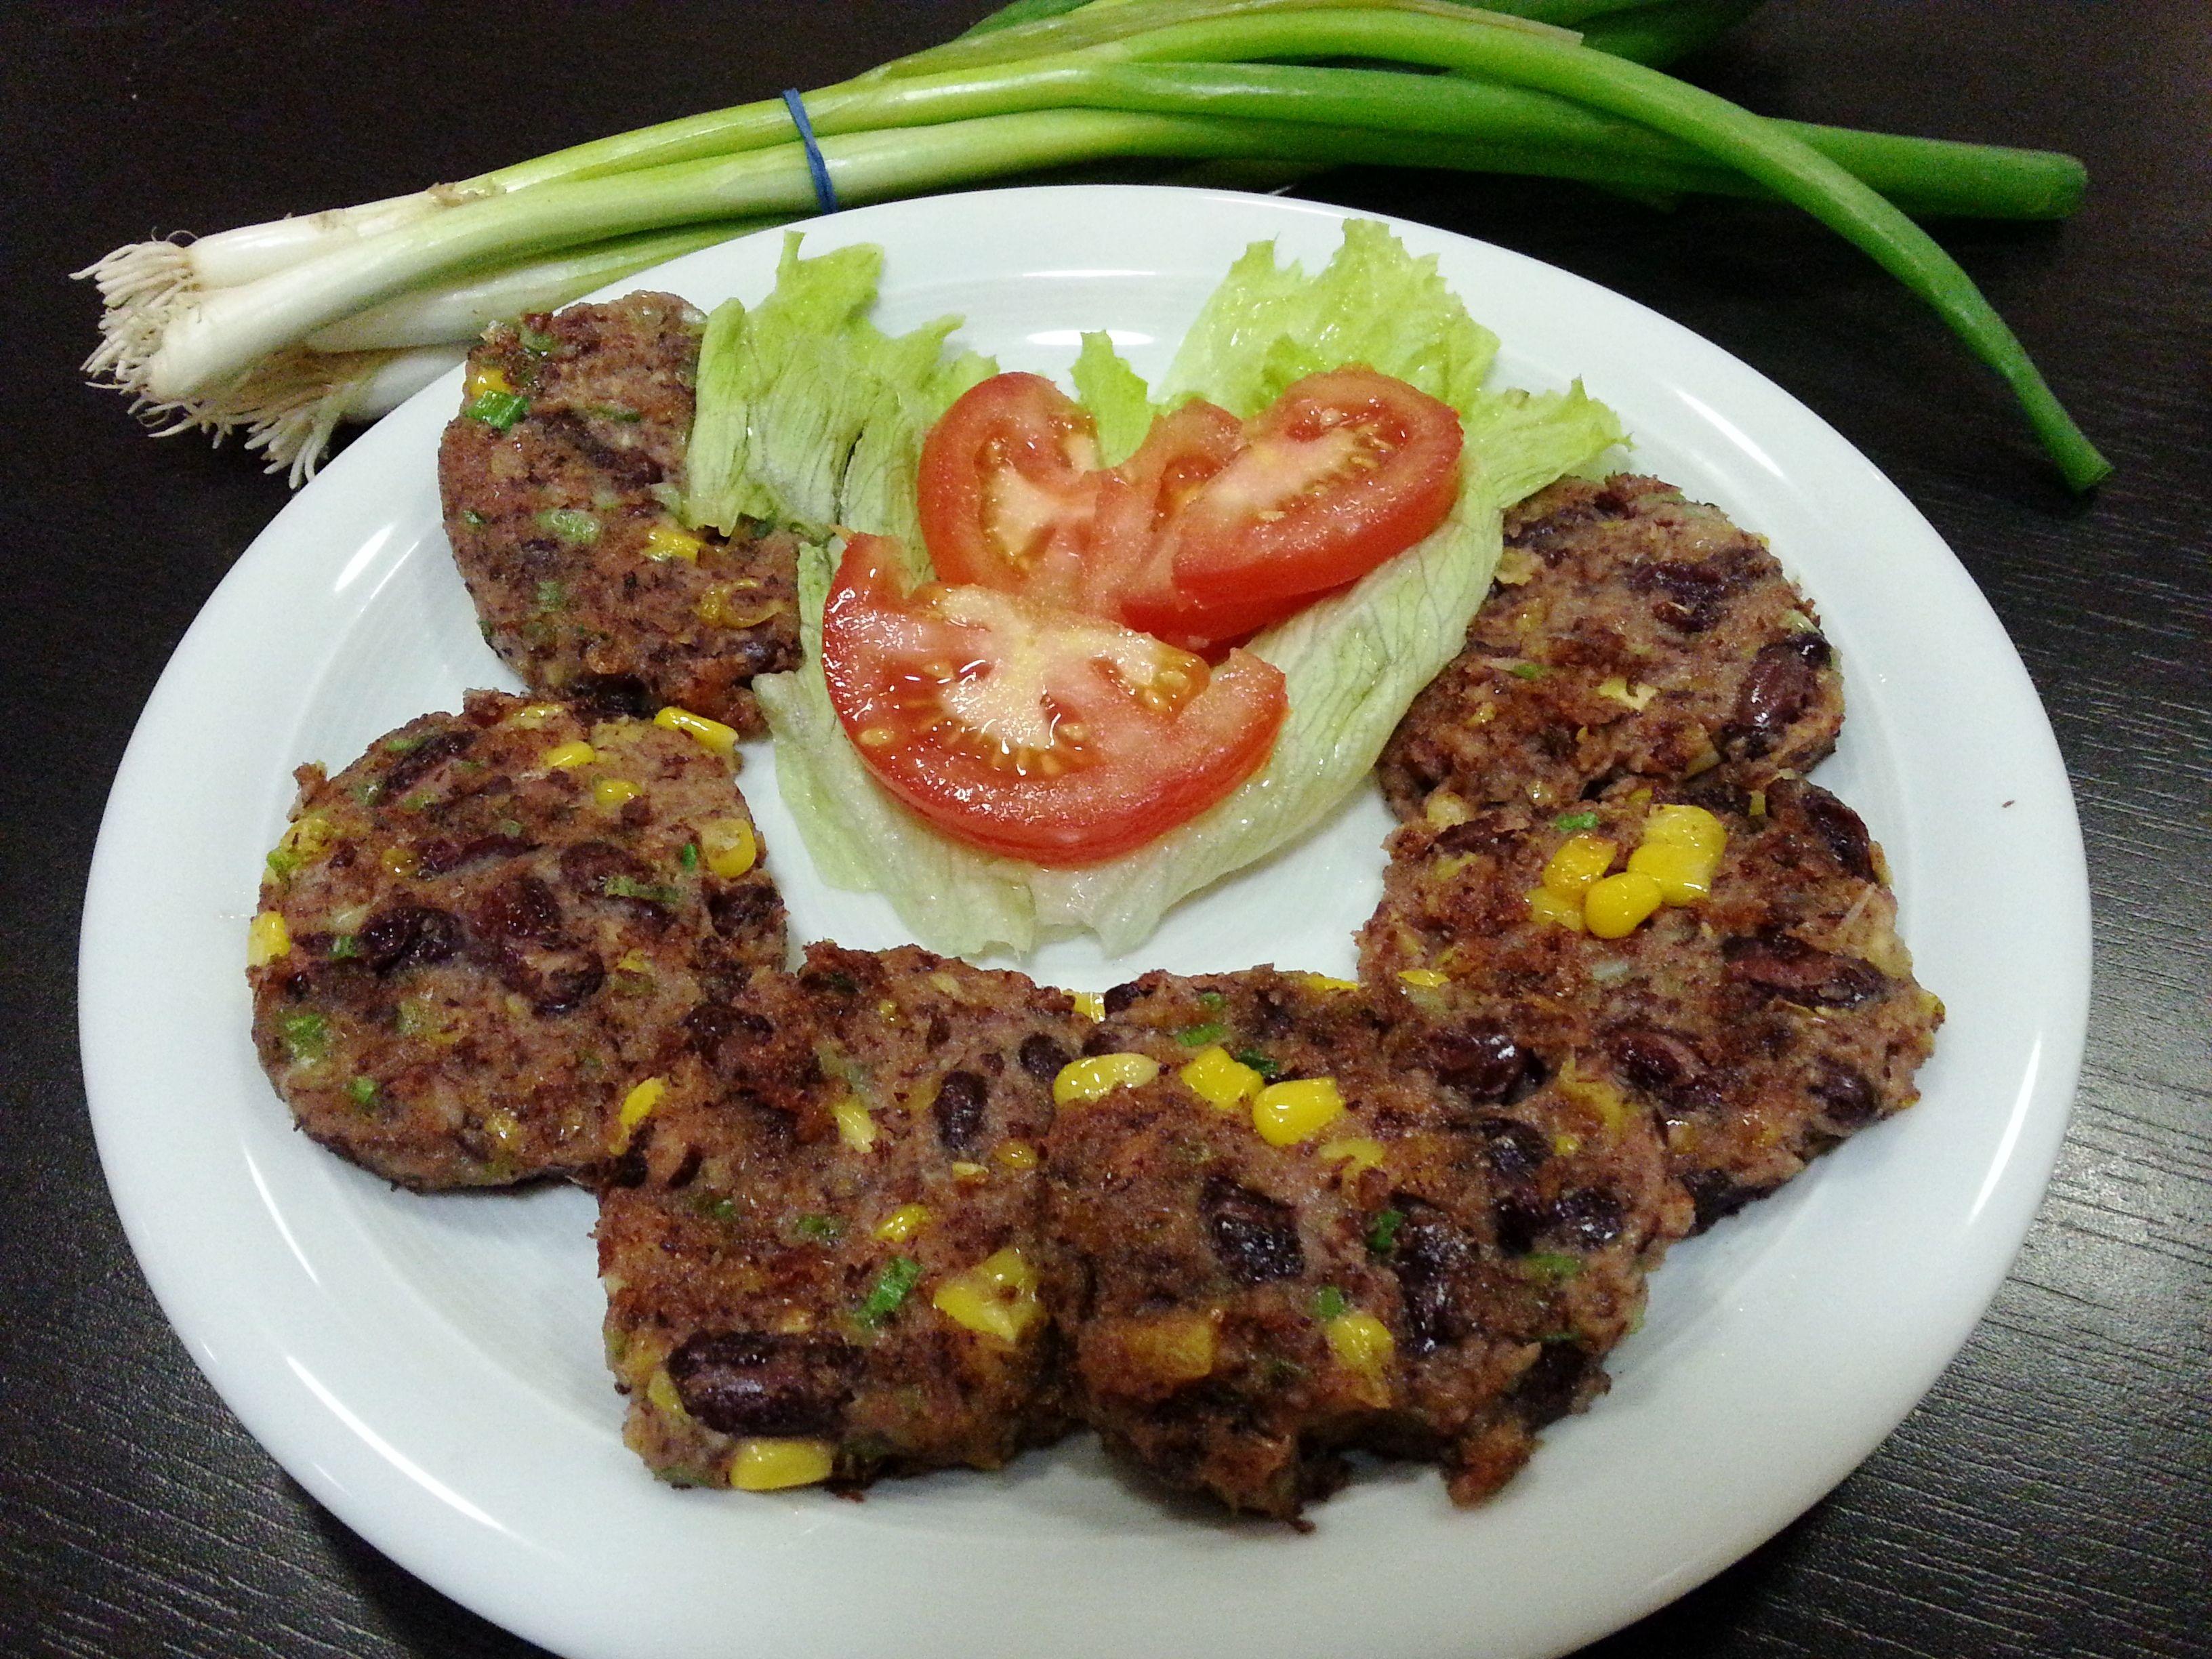 Fesselnde Tofu Nährwerte Sammlung Von Fitnessrezept Vegan Frikadellen - Nährwerte Pro Portion: